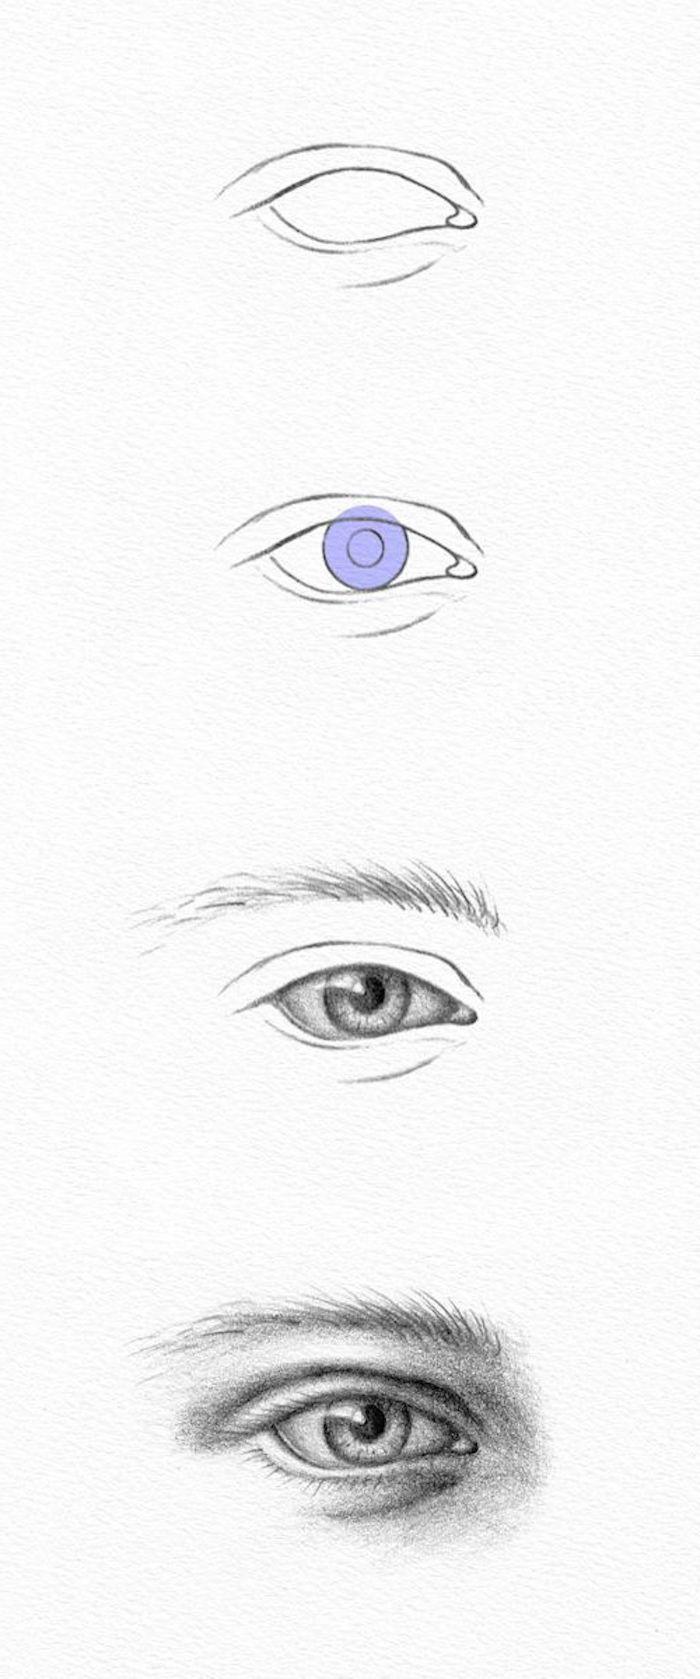 como dibujar un ojo paso a paso, ideas de dibujos en estilo realista, dibujos de caras de mujeres autenticos